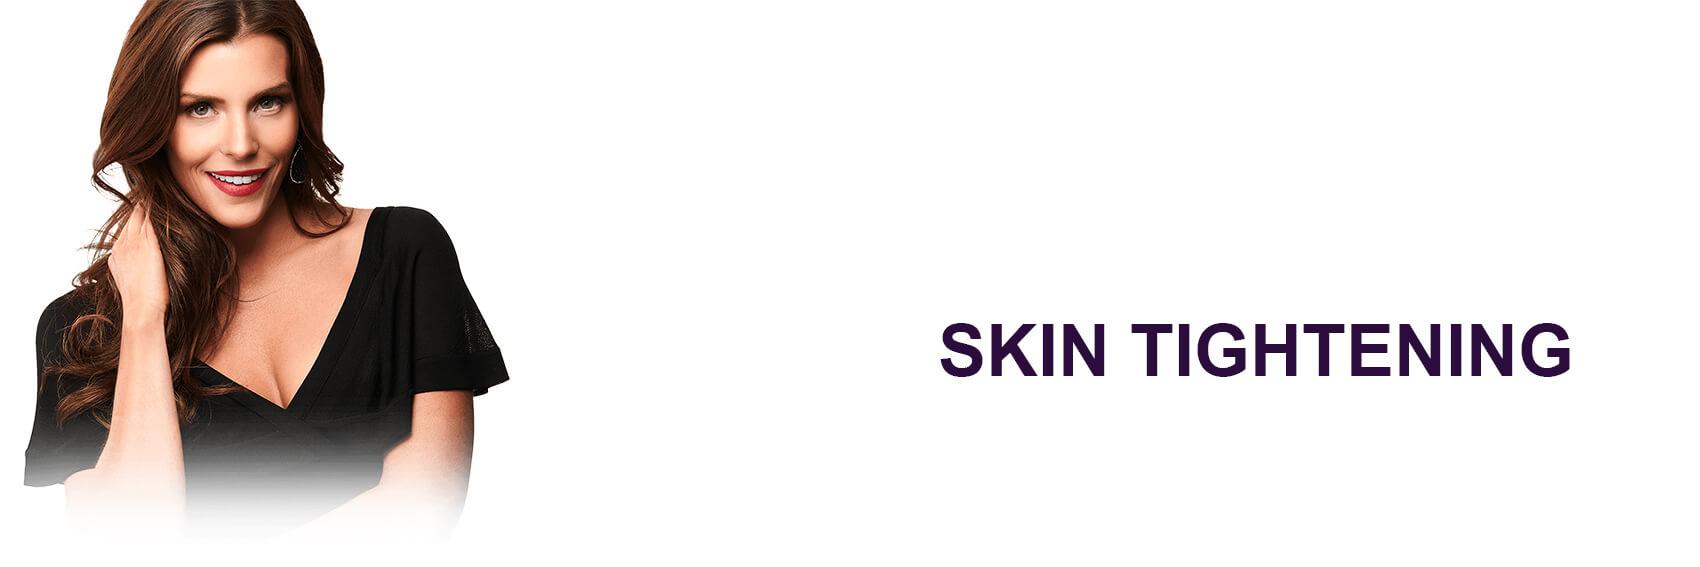 Radiofrequency(RF) Skin Tightening